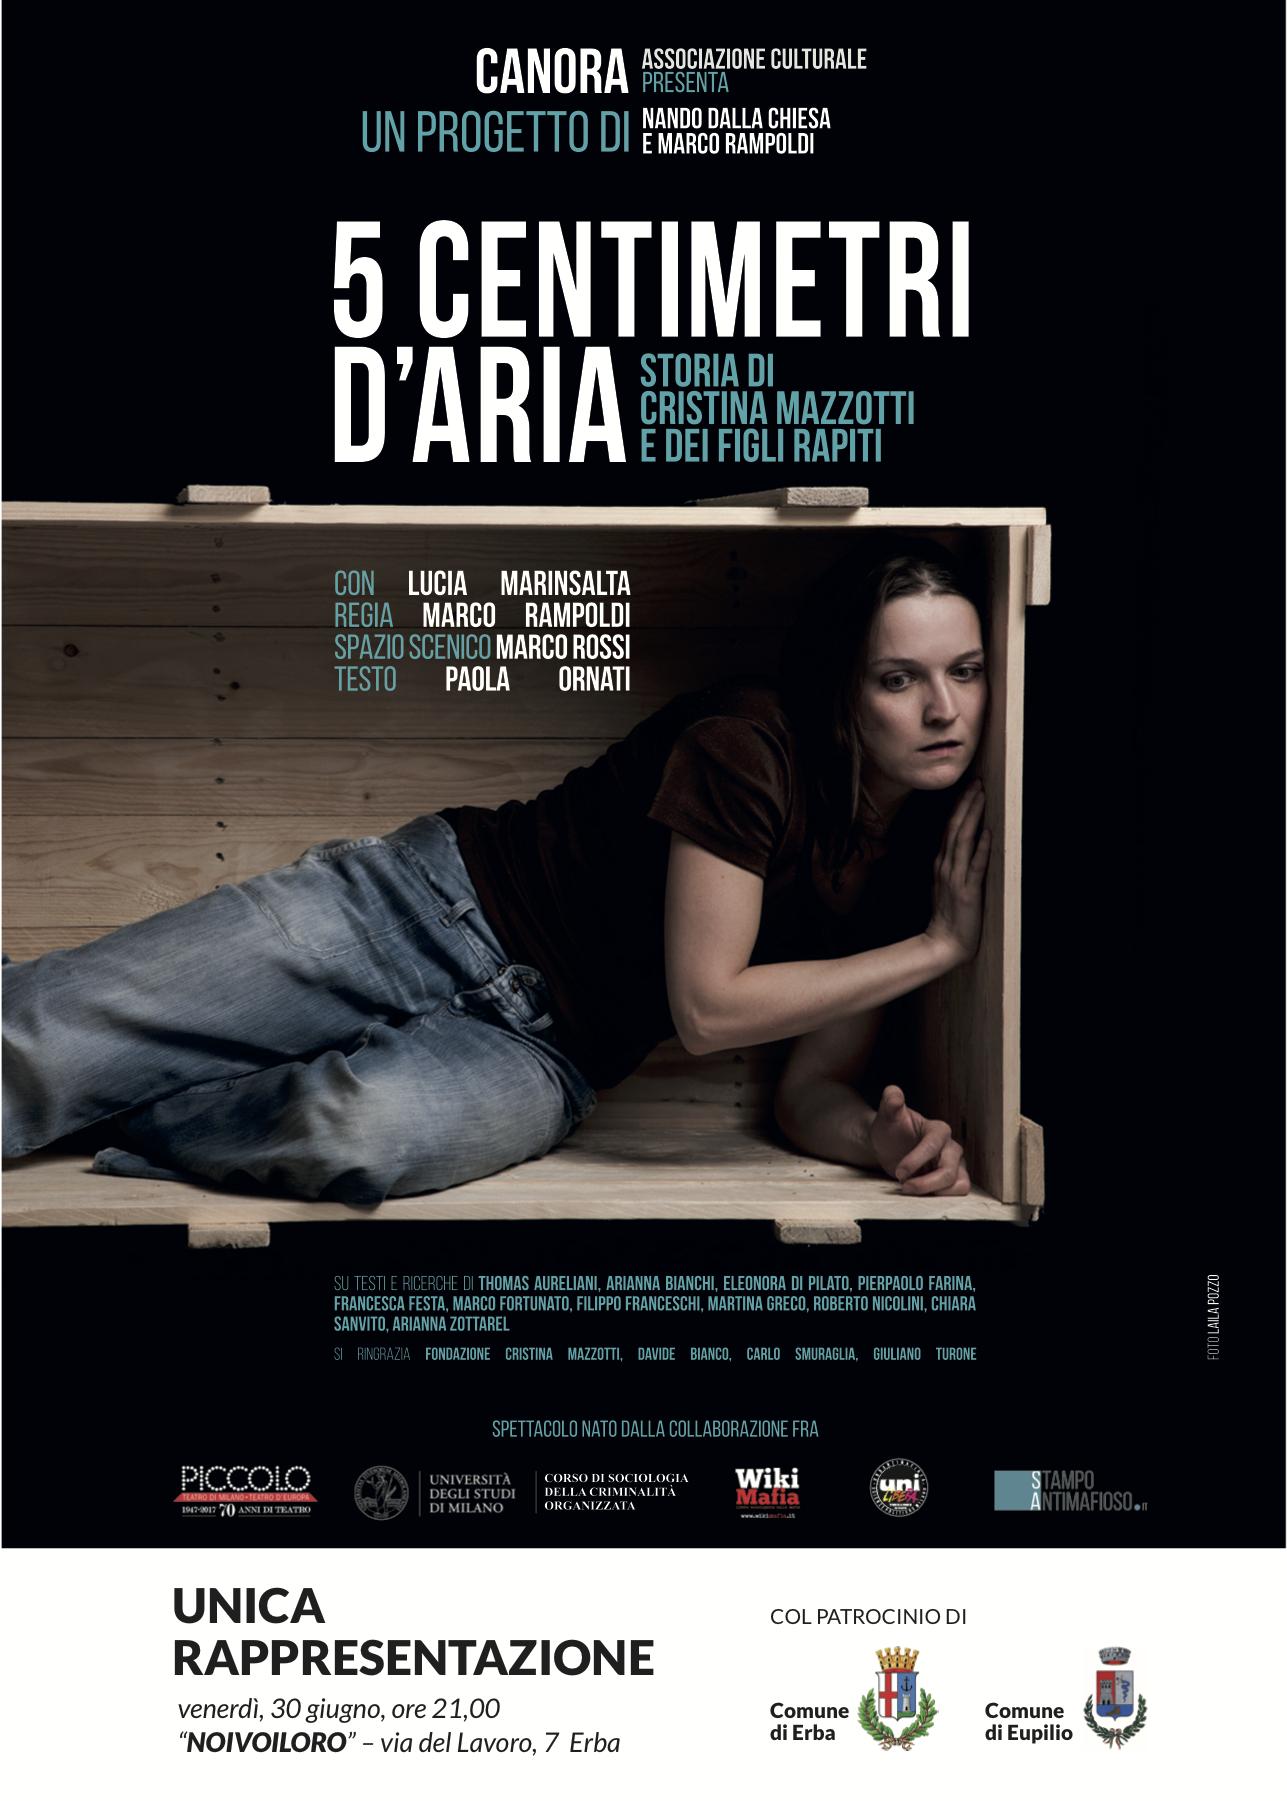 La 'ndrangheta e i sequestri di persona. La storia di Cristina Mazzotti in scena ad Erba